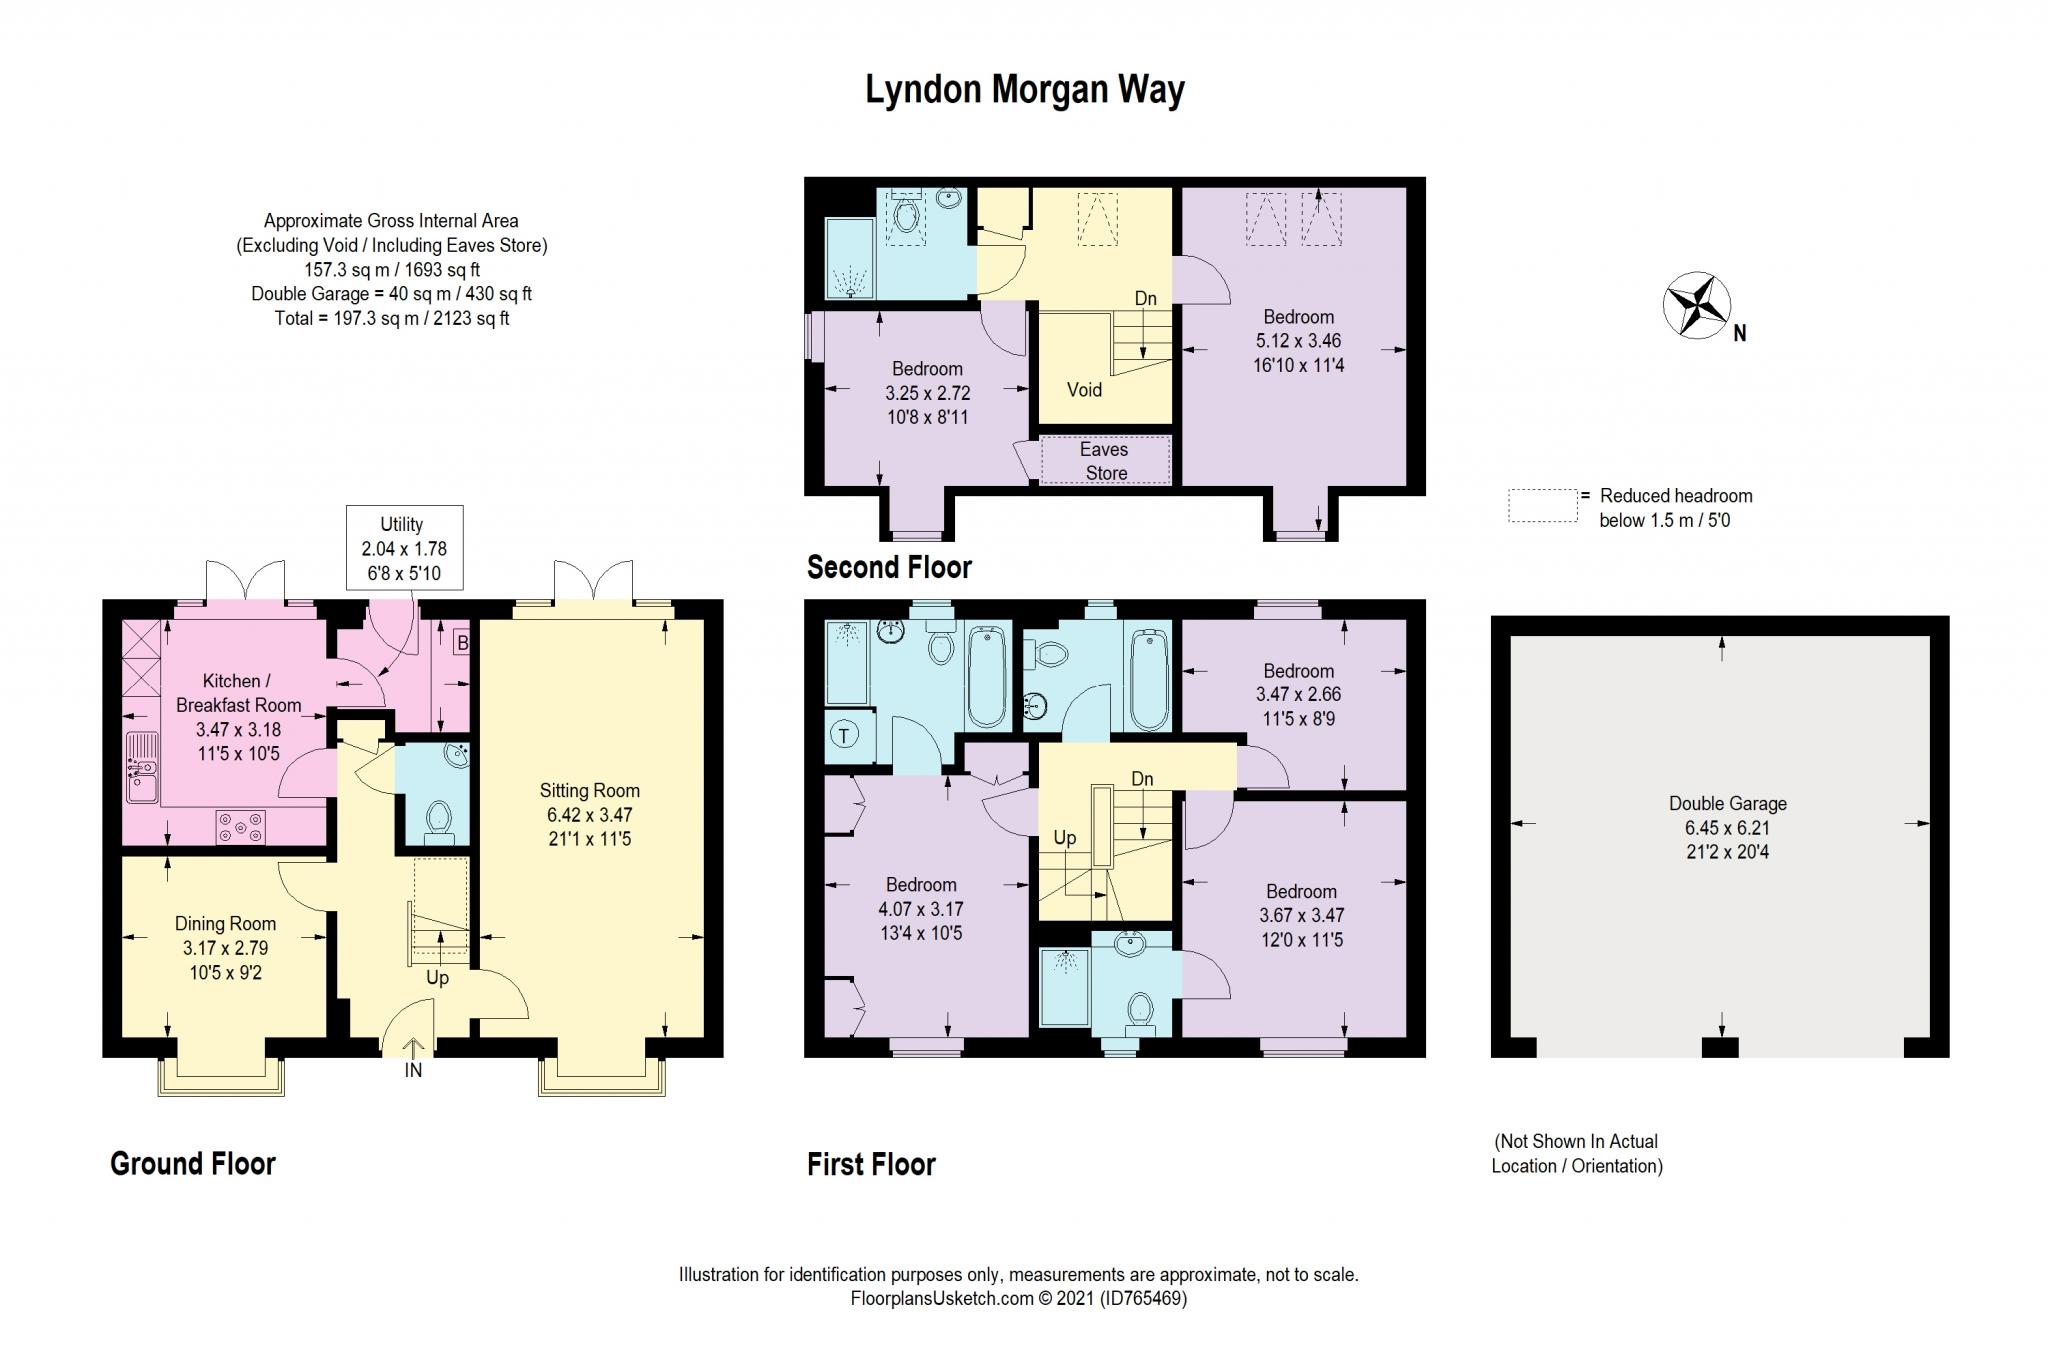 Lyndon Morgan Way floor plan